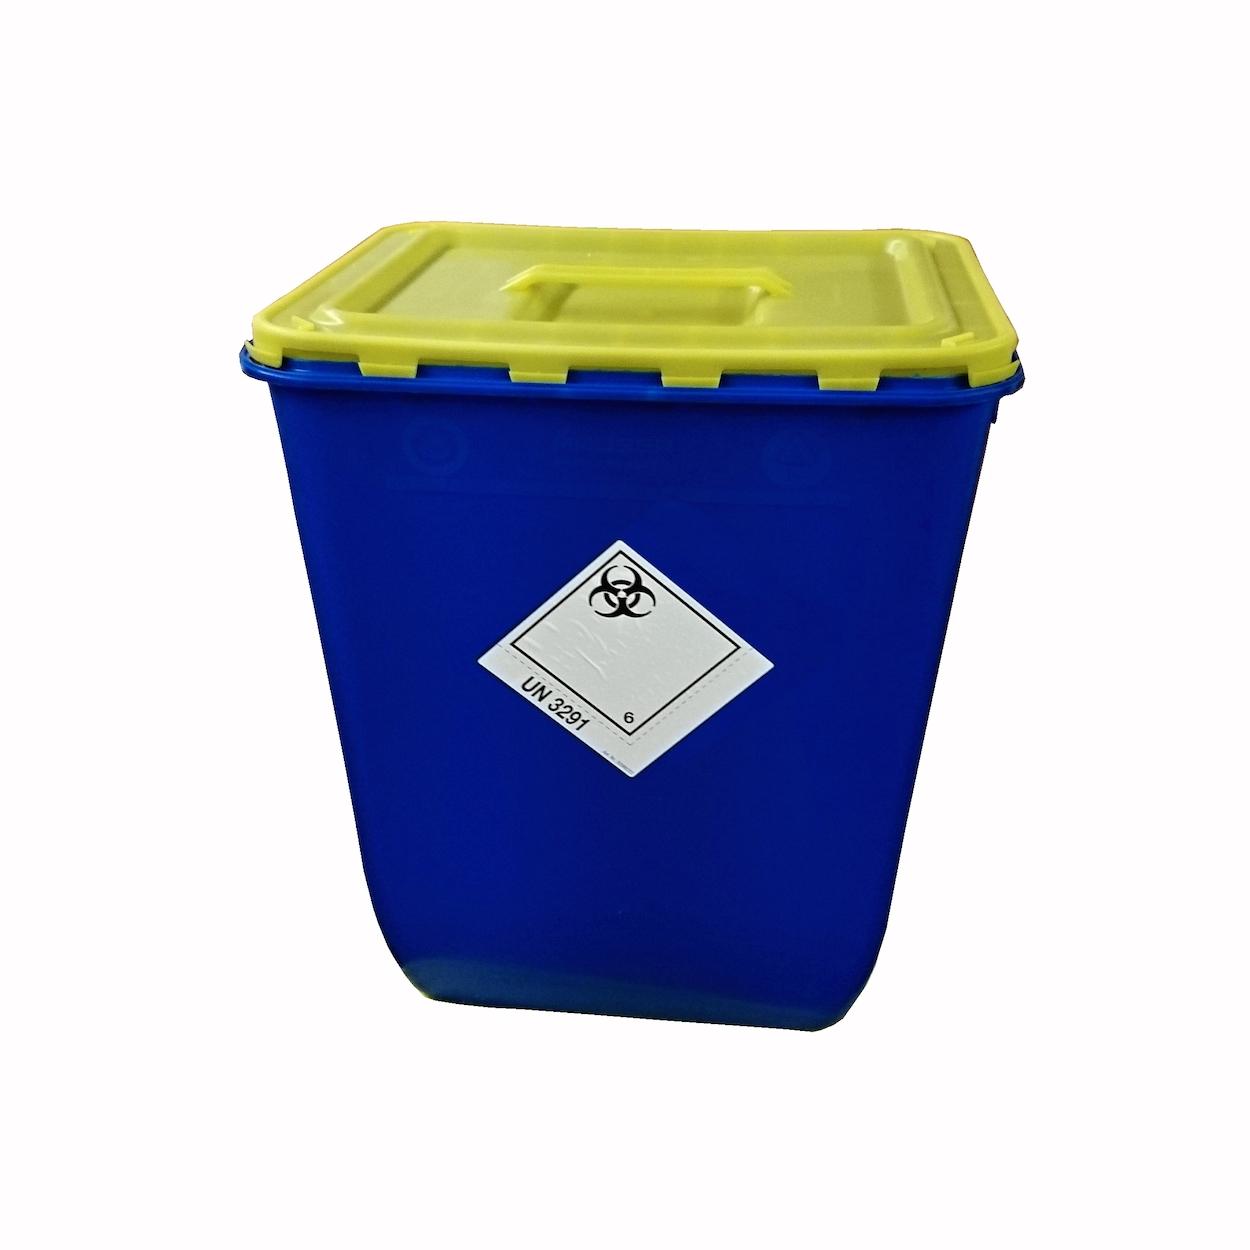 Pojemnik z klapą i uchwytem na zbiórkę bioodpadów - 50L